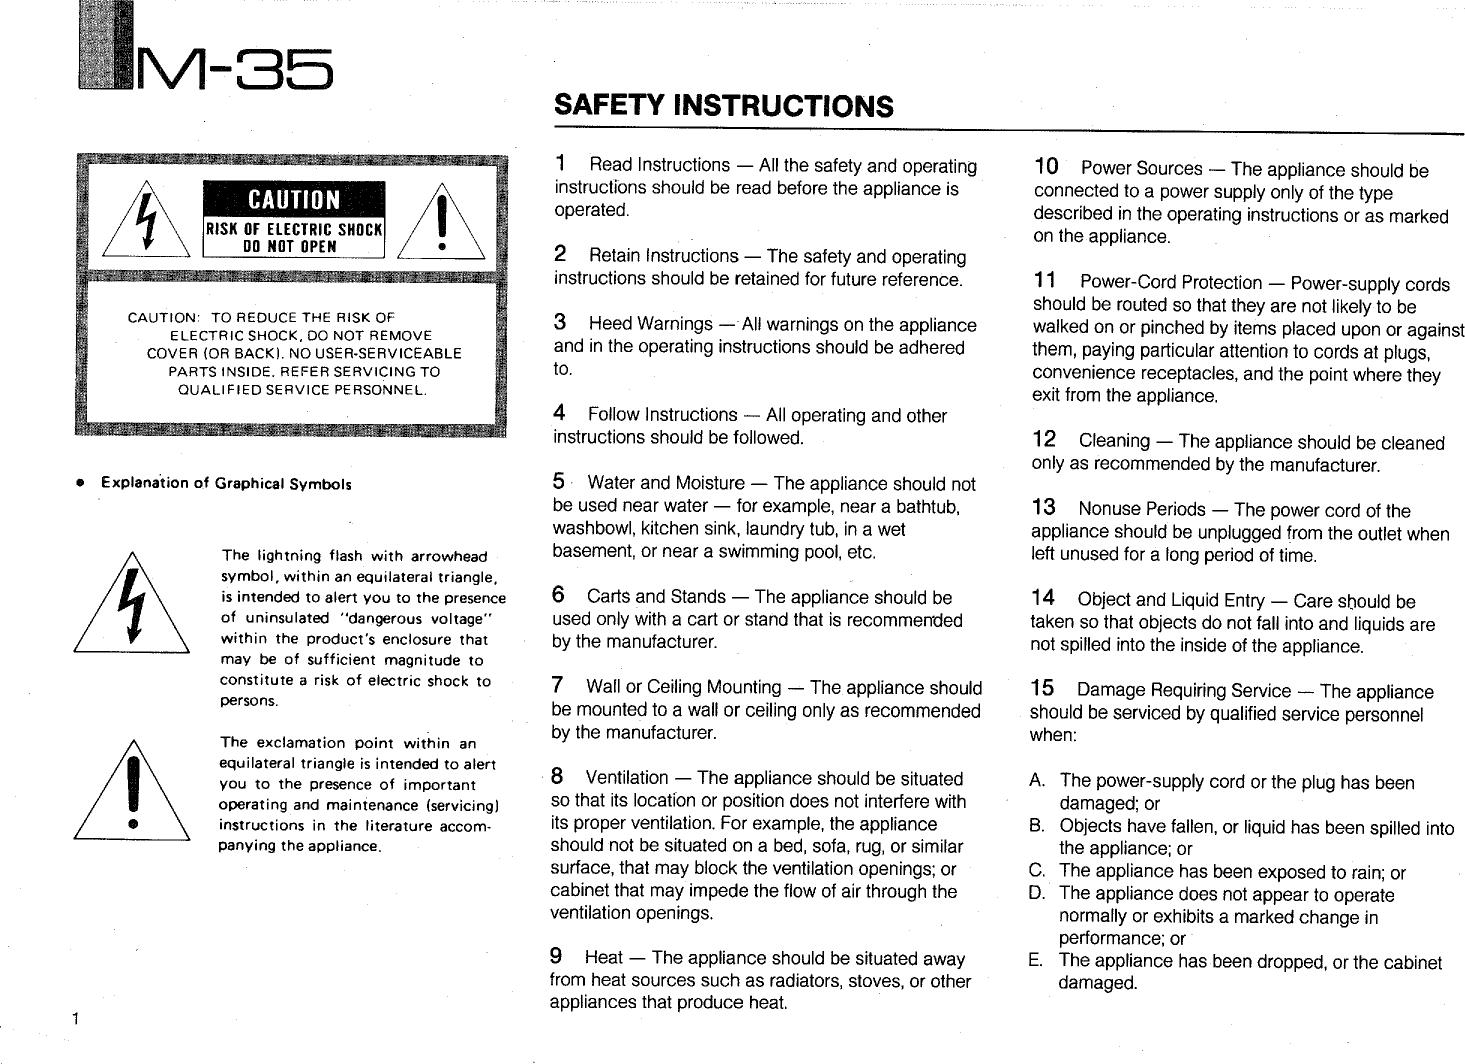 yamaha m 35 owner s manual rh usermanual wiki M35 Gun M35 Deuce and a Half